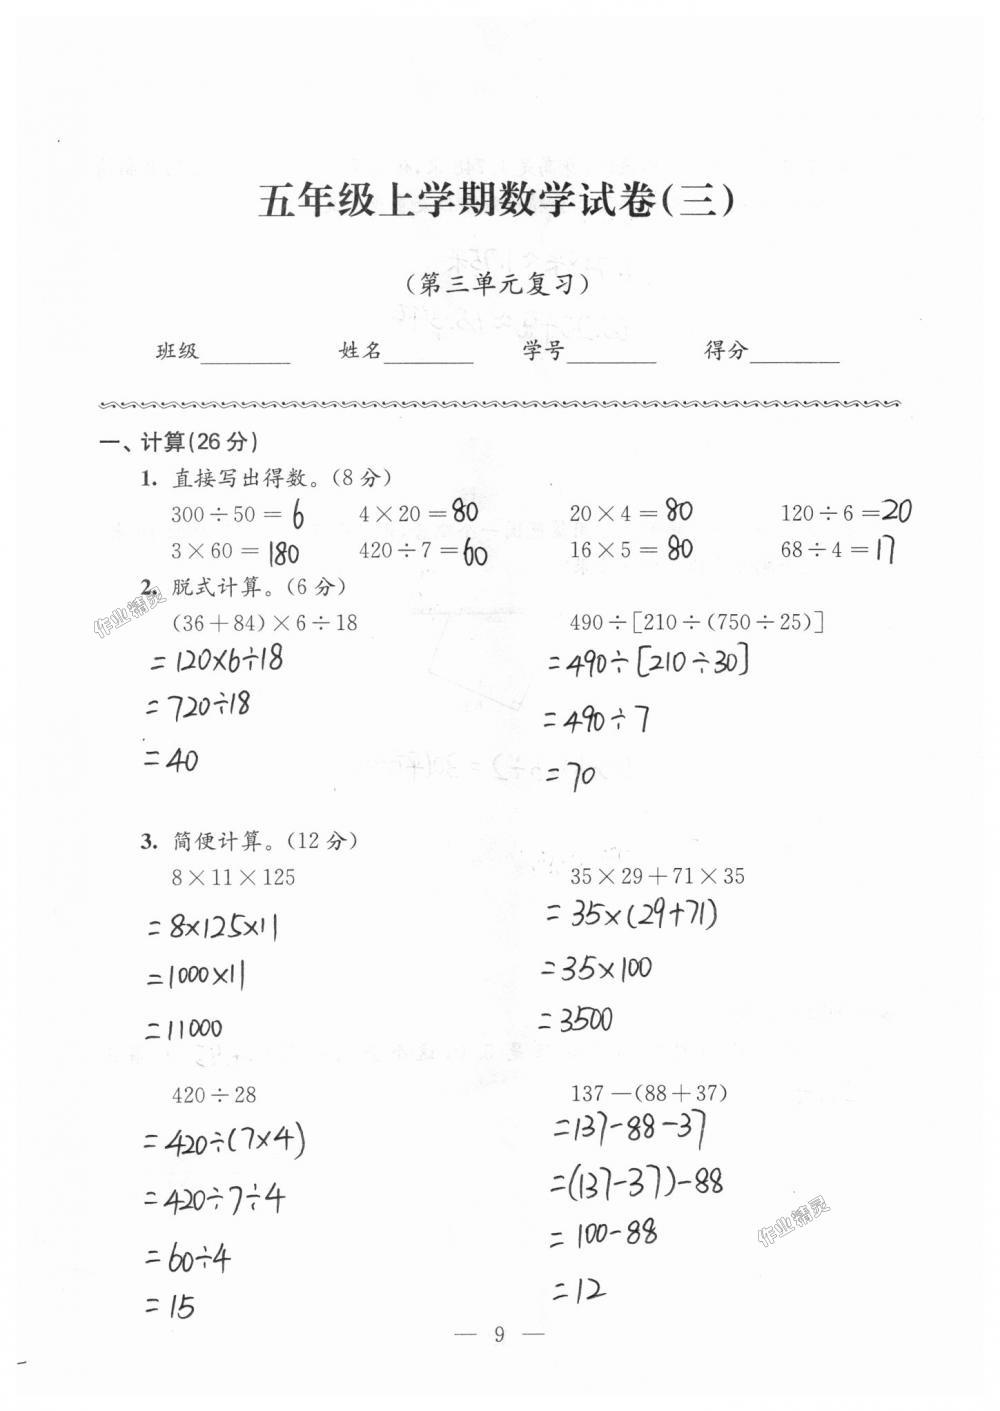 2018年练习与测试检测卷五年级数学上册苏教版第9页